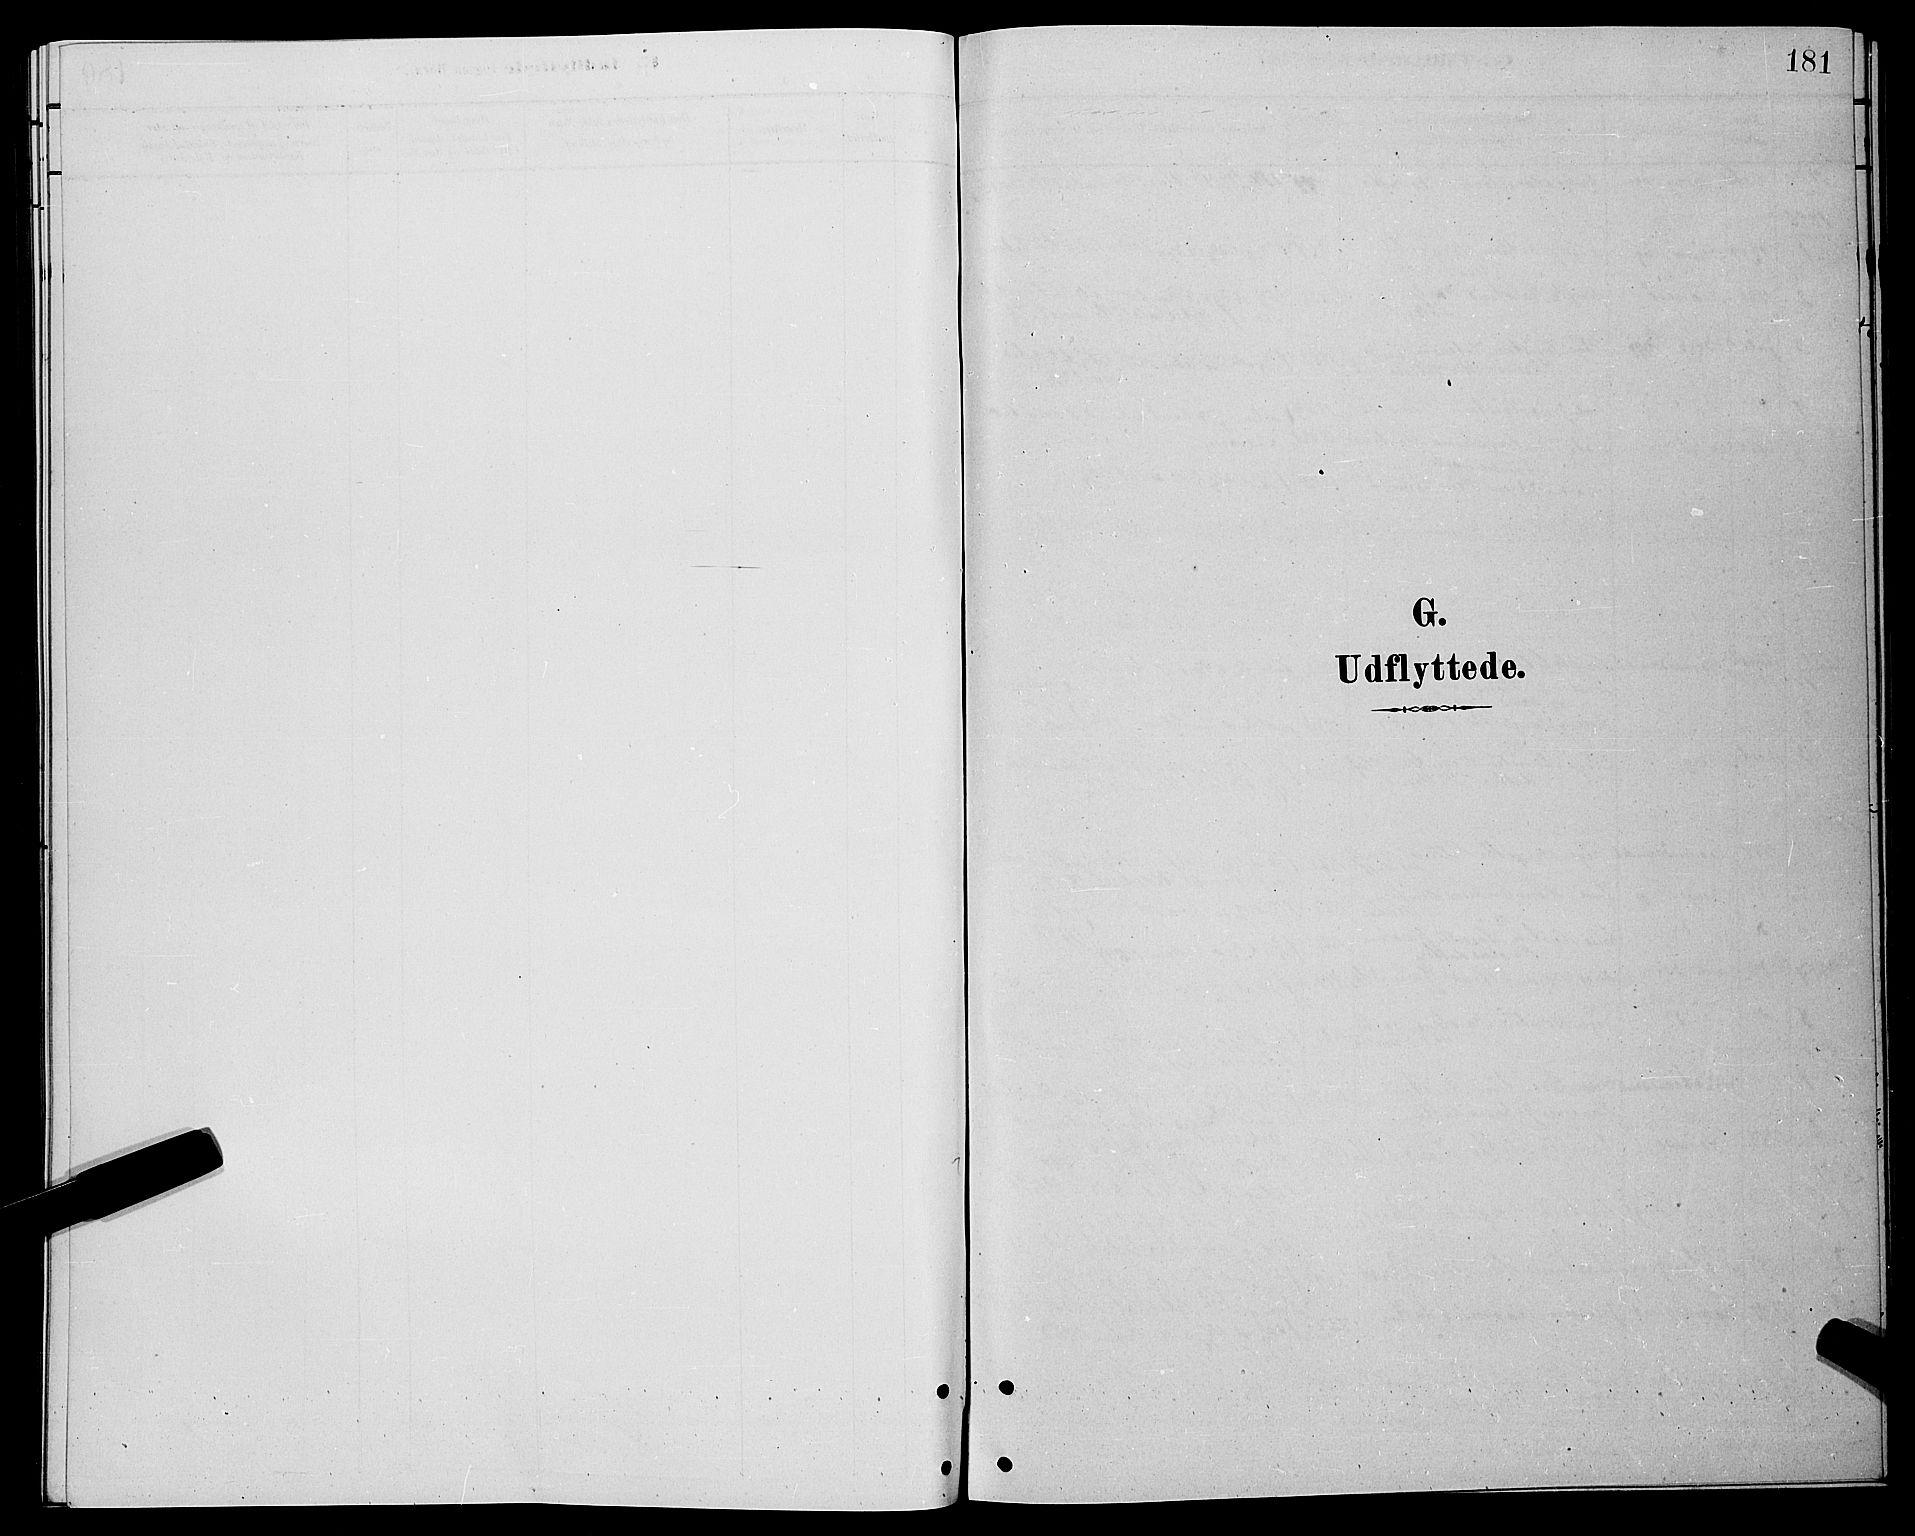 SATØ, Lenvik sokneprestembete, H/Ha: Klokkerbok nr. 21, 1884-1900, s. 181